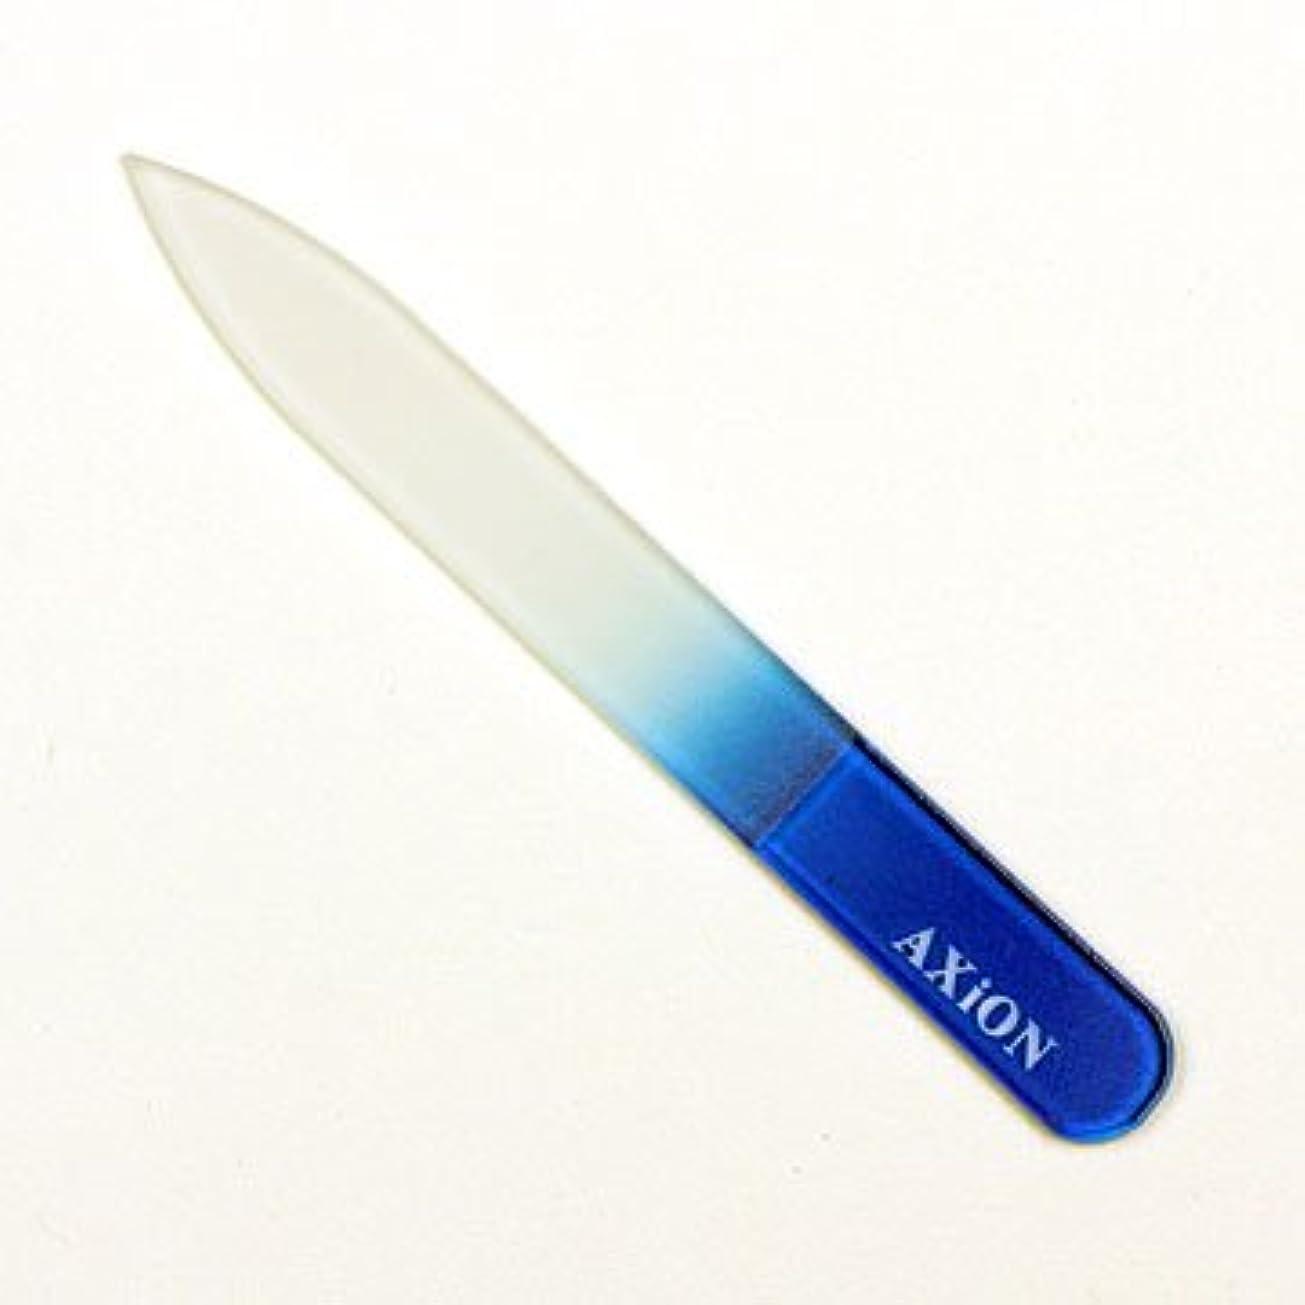 推測する入場匹敵しますチェコ製 AXiON(アクシオン)ガラス製爪ヤスリ(ブルー)両面タイプ #slg009567fba